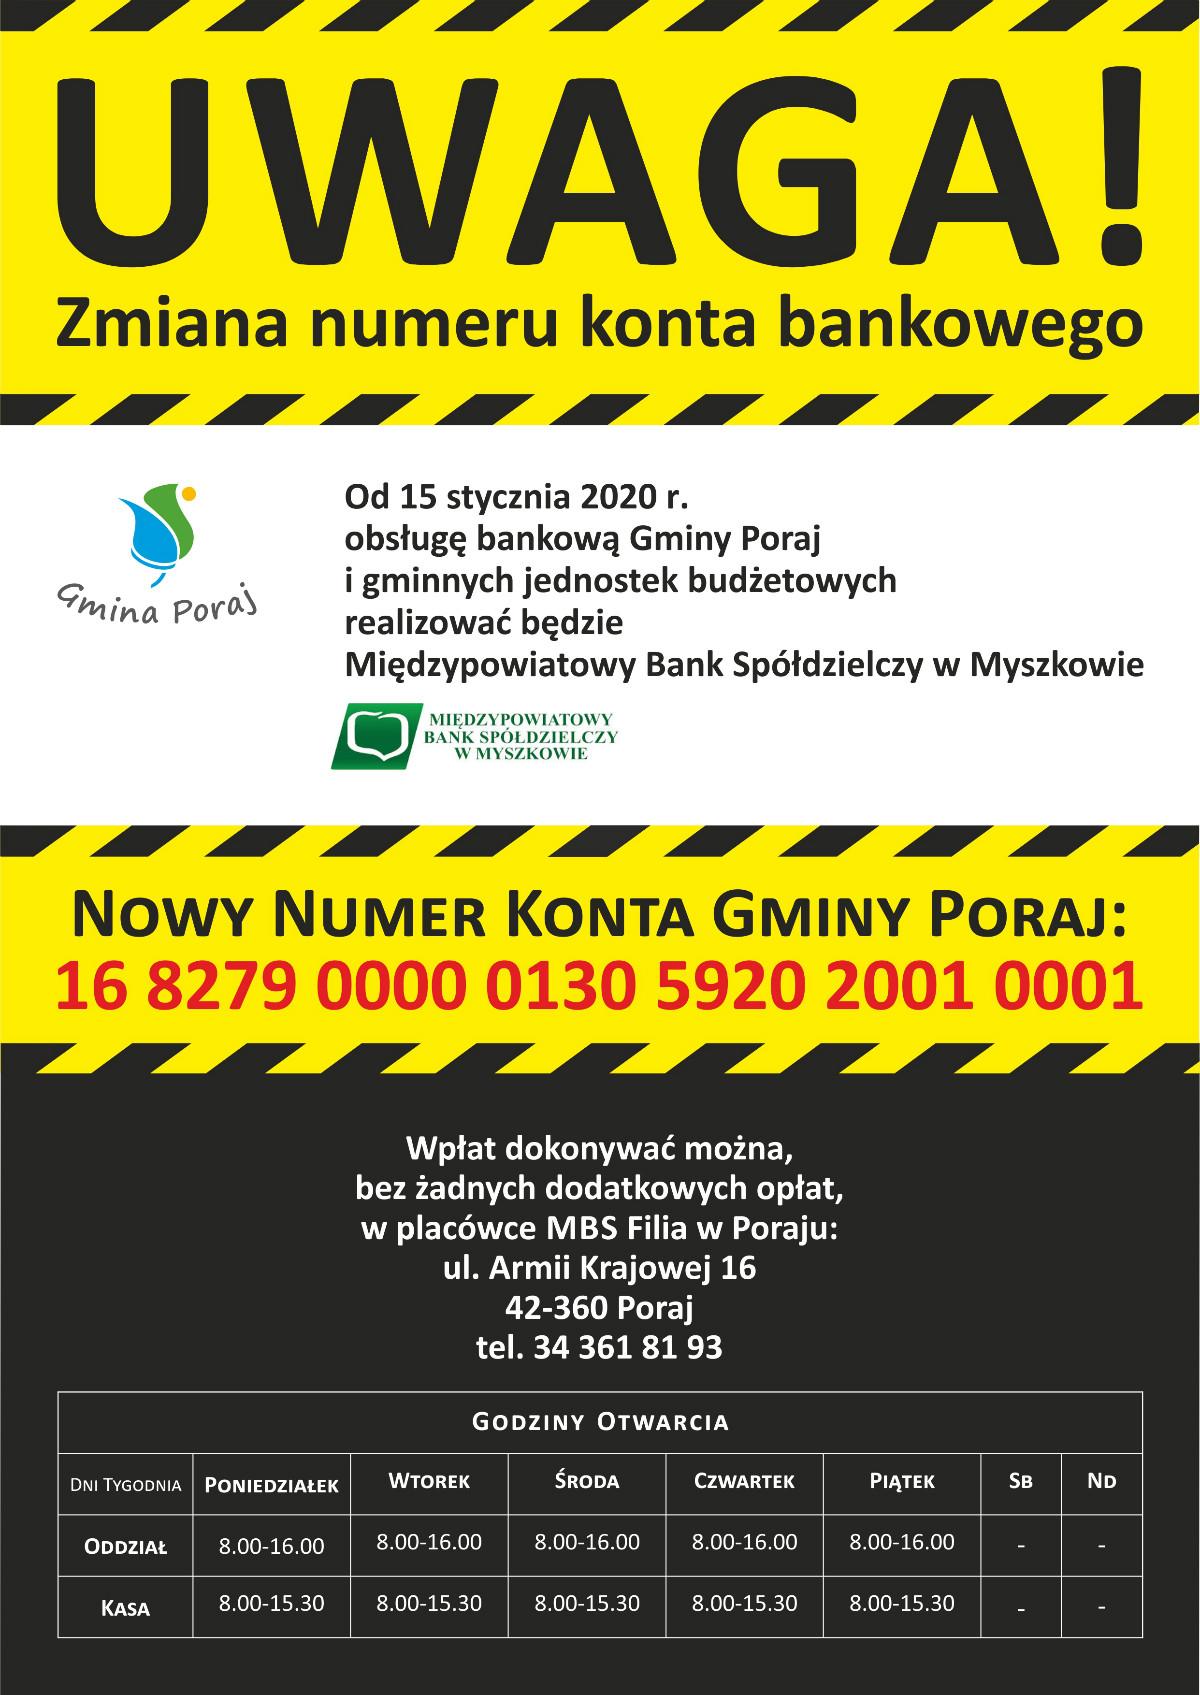 Zmiana numeru konta bankowego gmina poraj